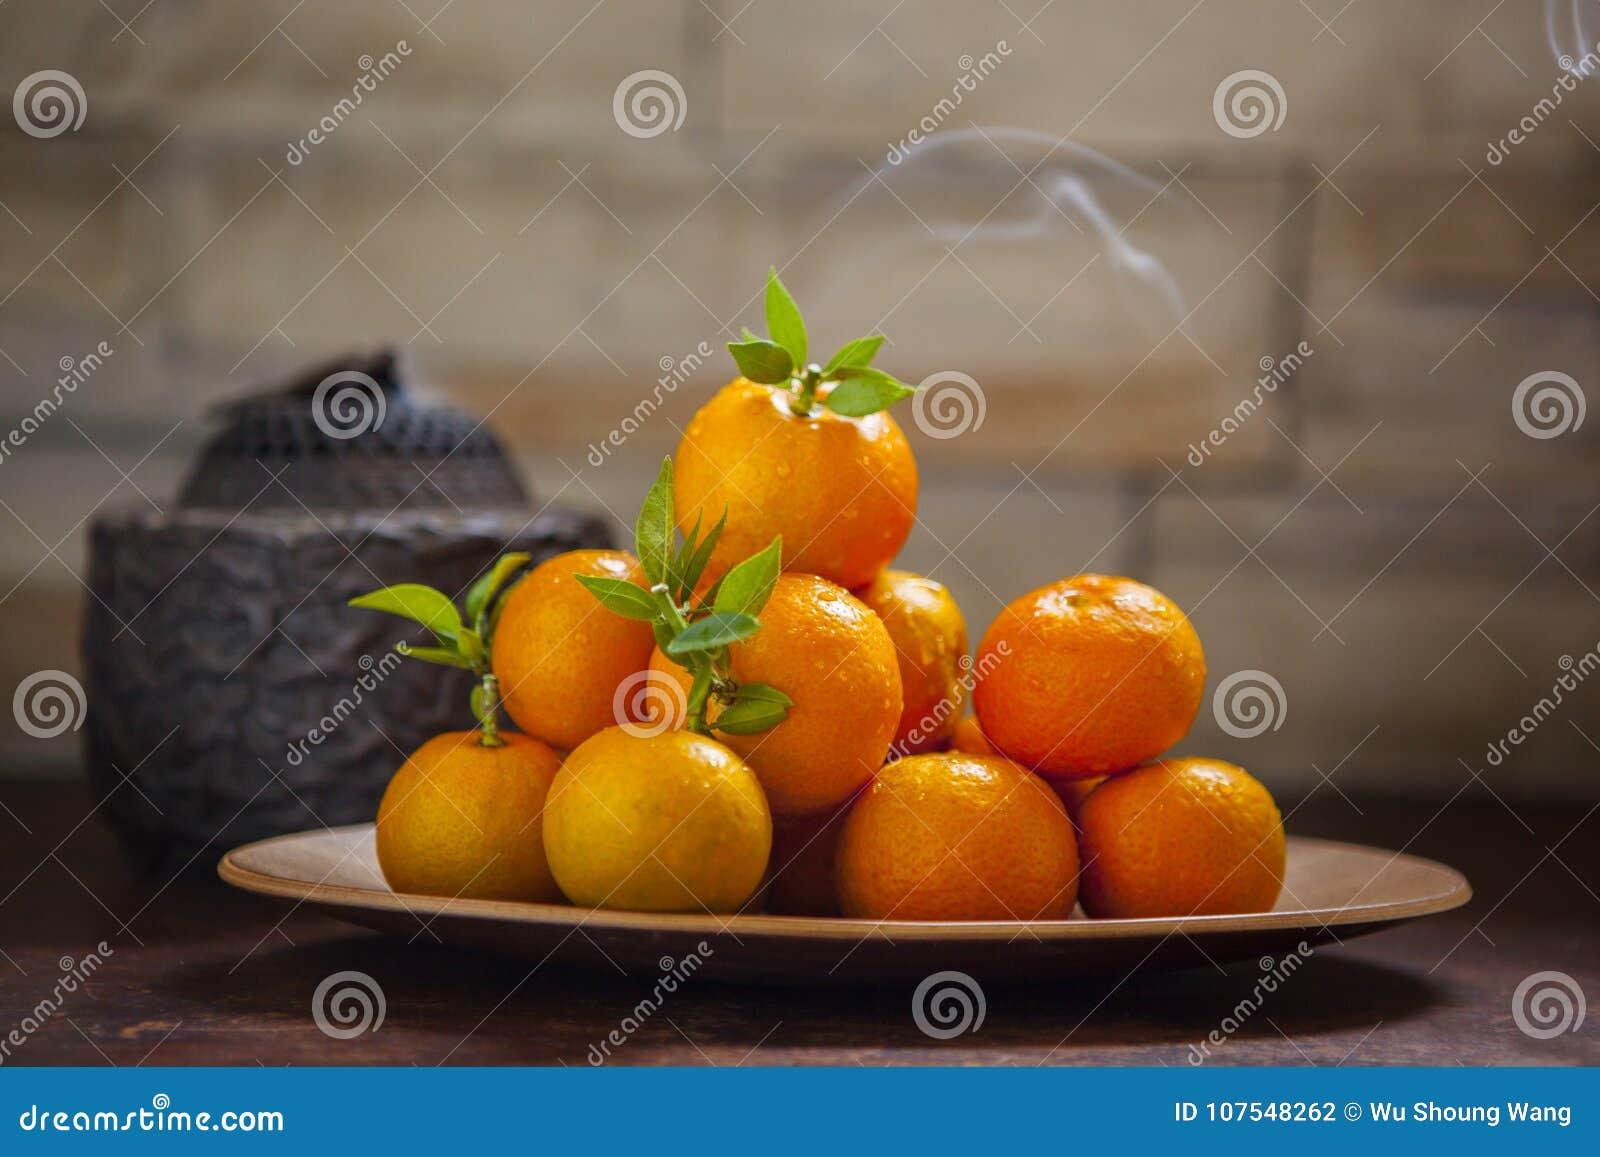 Сладкий апельсин, китайский фестиваль весны, спасибо дань, везение хиа Fu большое,